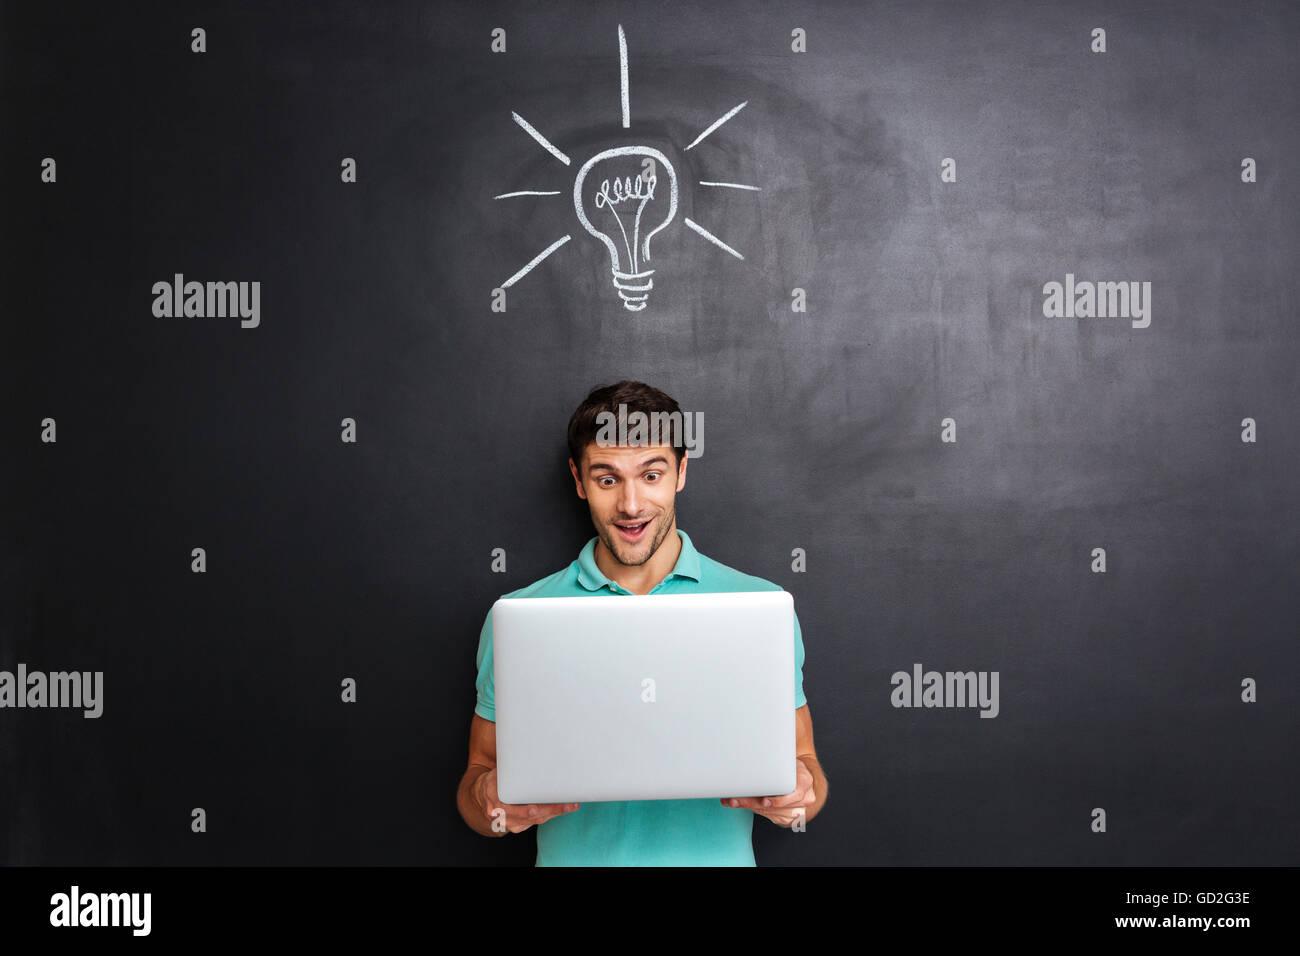 Felice giovane uomo hanno un'idea su lavagna sfondo disegnato con lampadina Immagini Stock